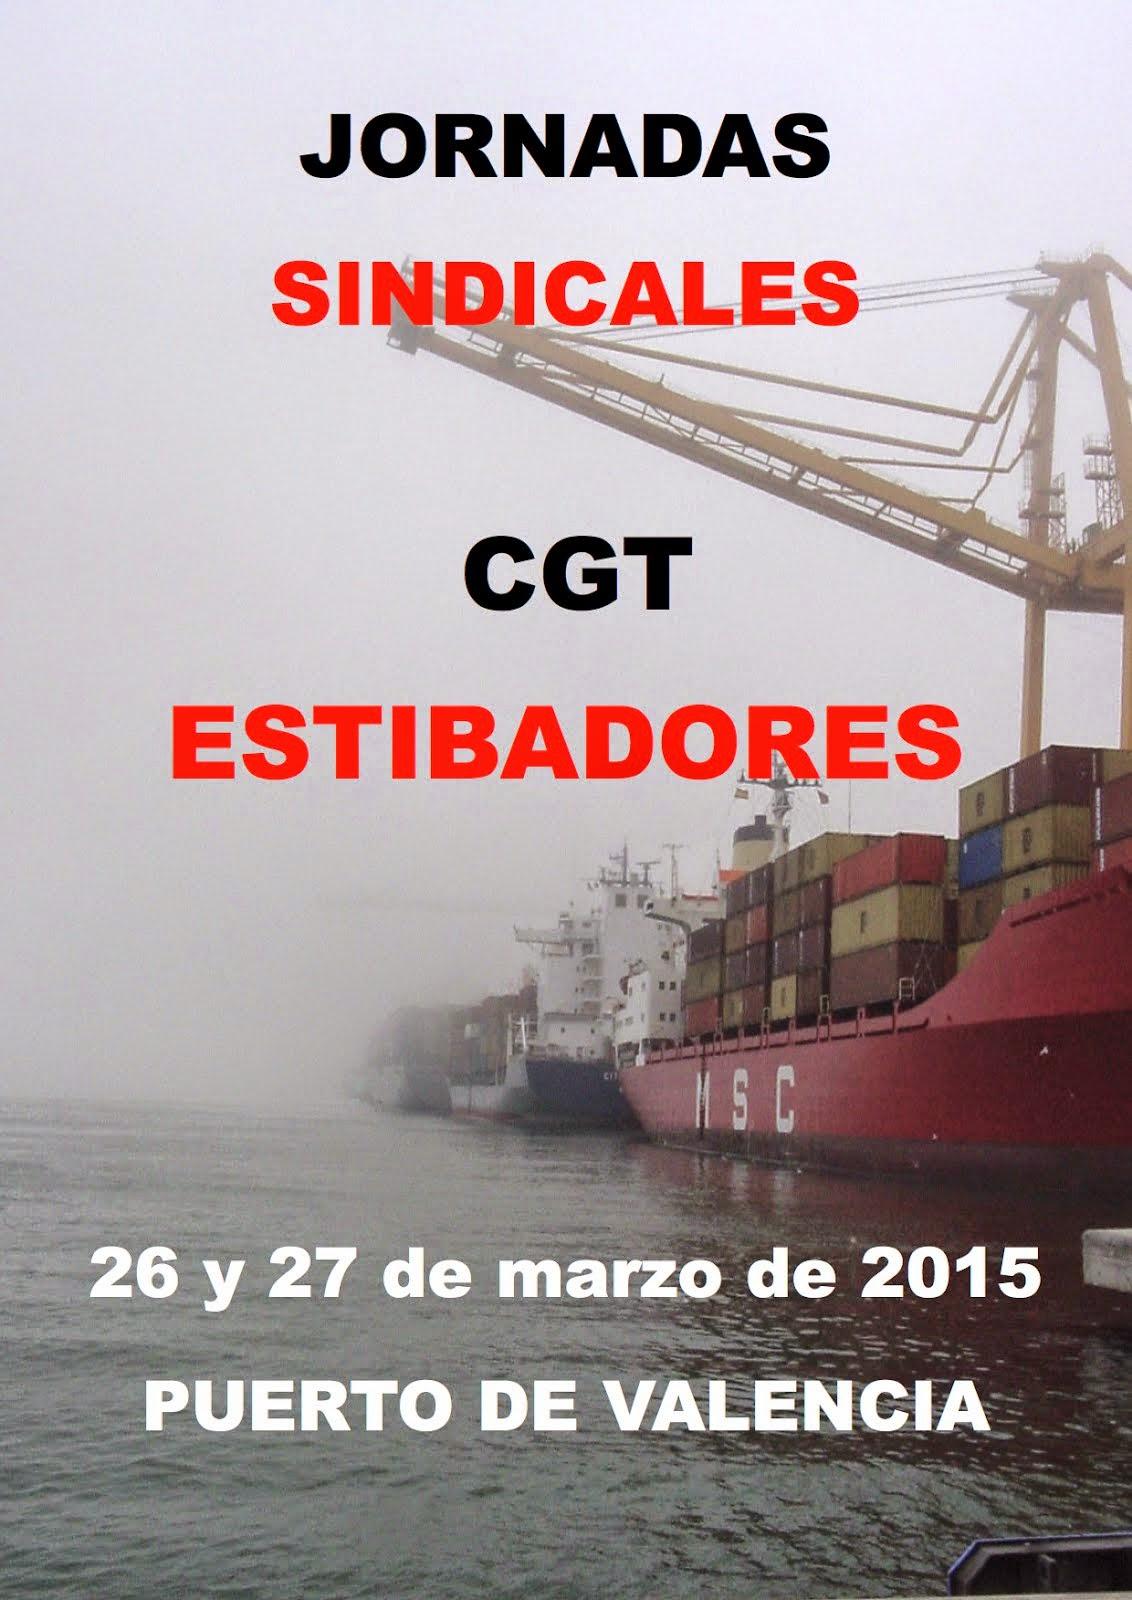 CGT ESTIBADORES